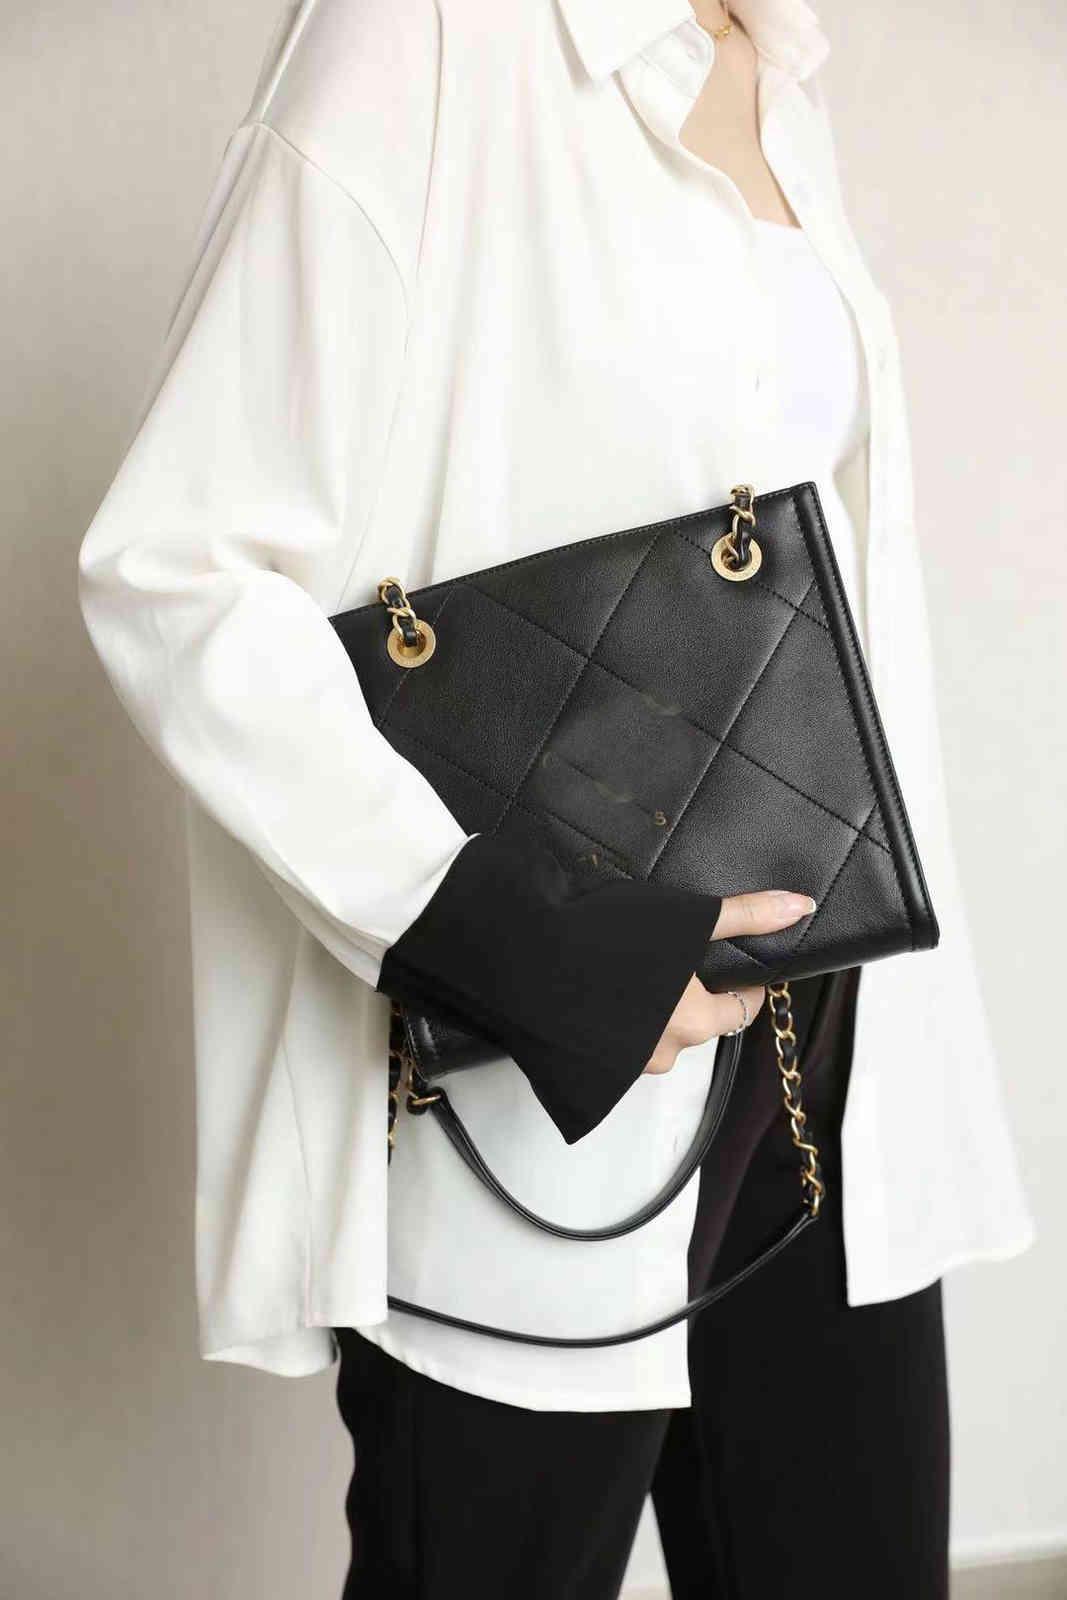 Vutton Bagwomen Luxurys C, venduto borse designer borse a croce borse a canale a tracolla la borsa a tracolla a splicing singola moda e sacchetto di pecora di alta qualità